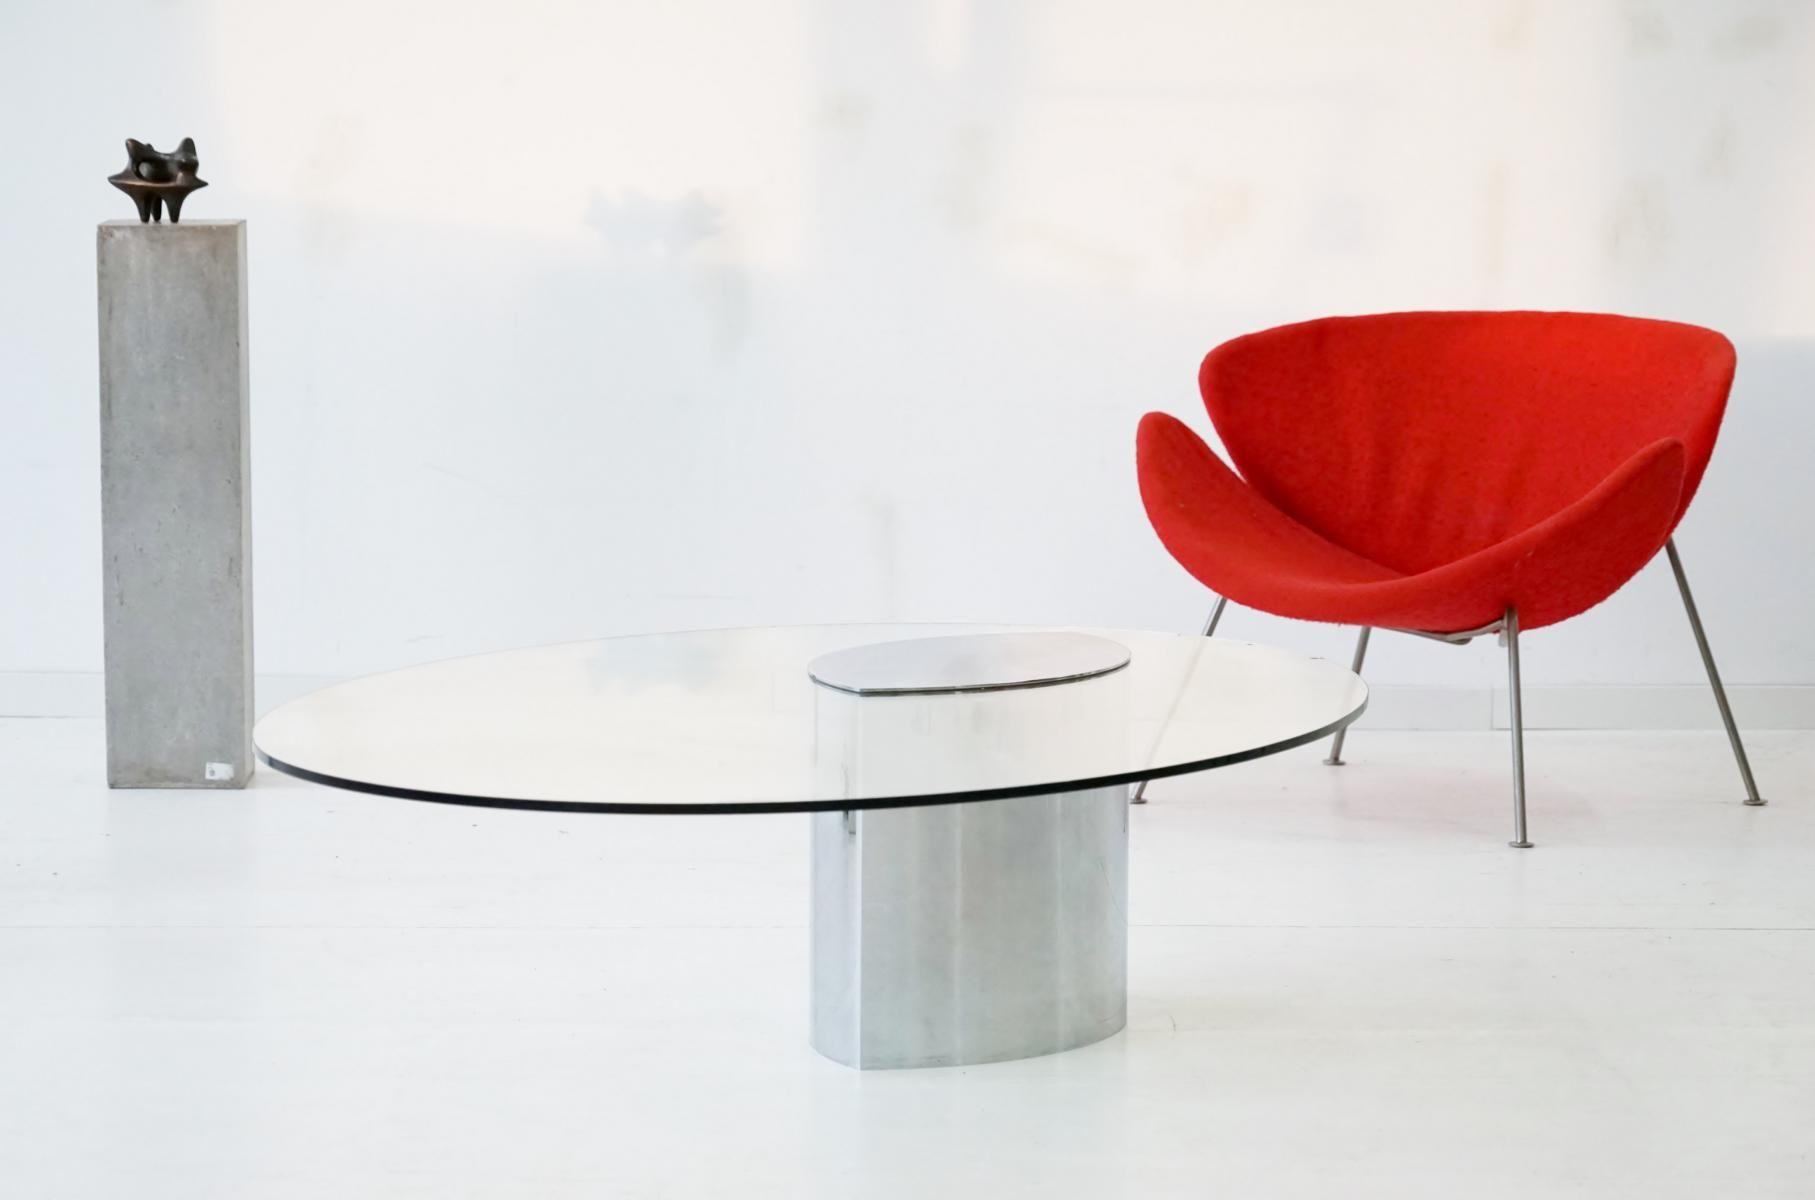 design glas couchtisch couchtisch edelstahl designer glas massivholz rund weiss holz with. Black Bedroom Furniture Sets. Home Design Ideas